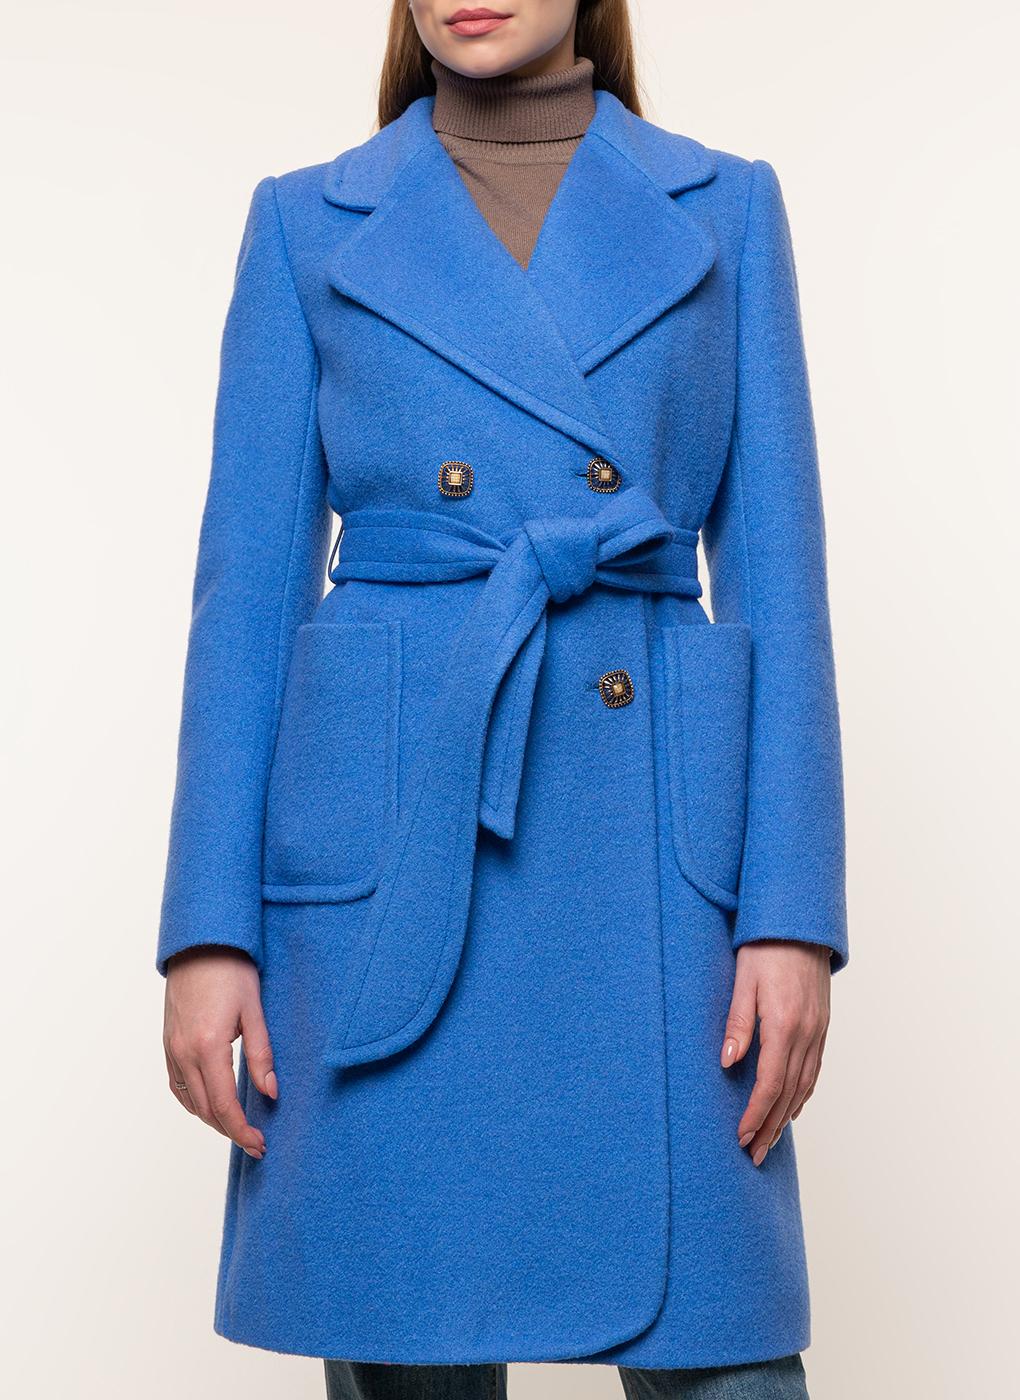 Пальто прямое полушерстяное 70, idekka фото